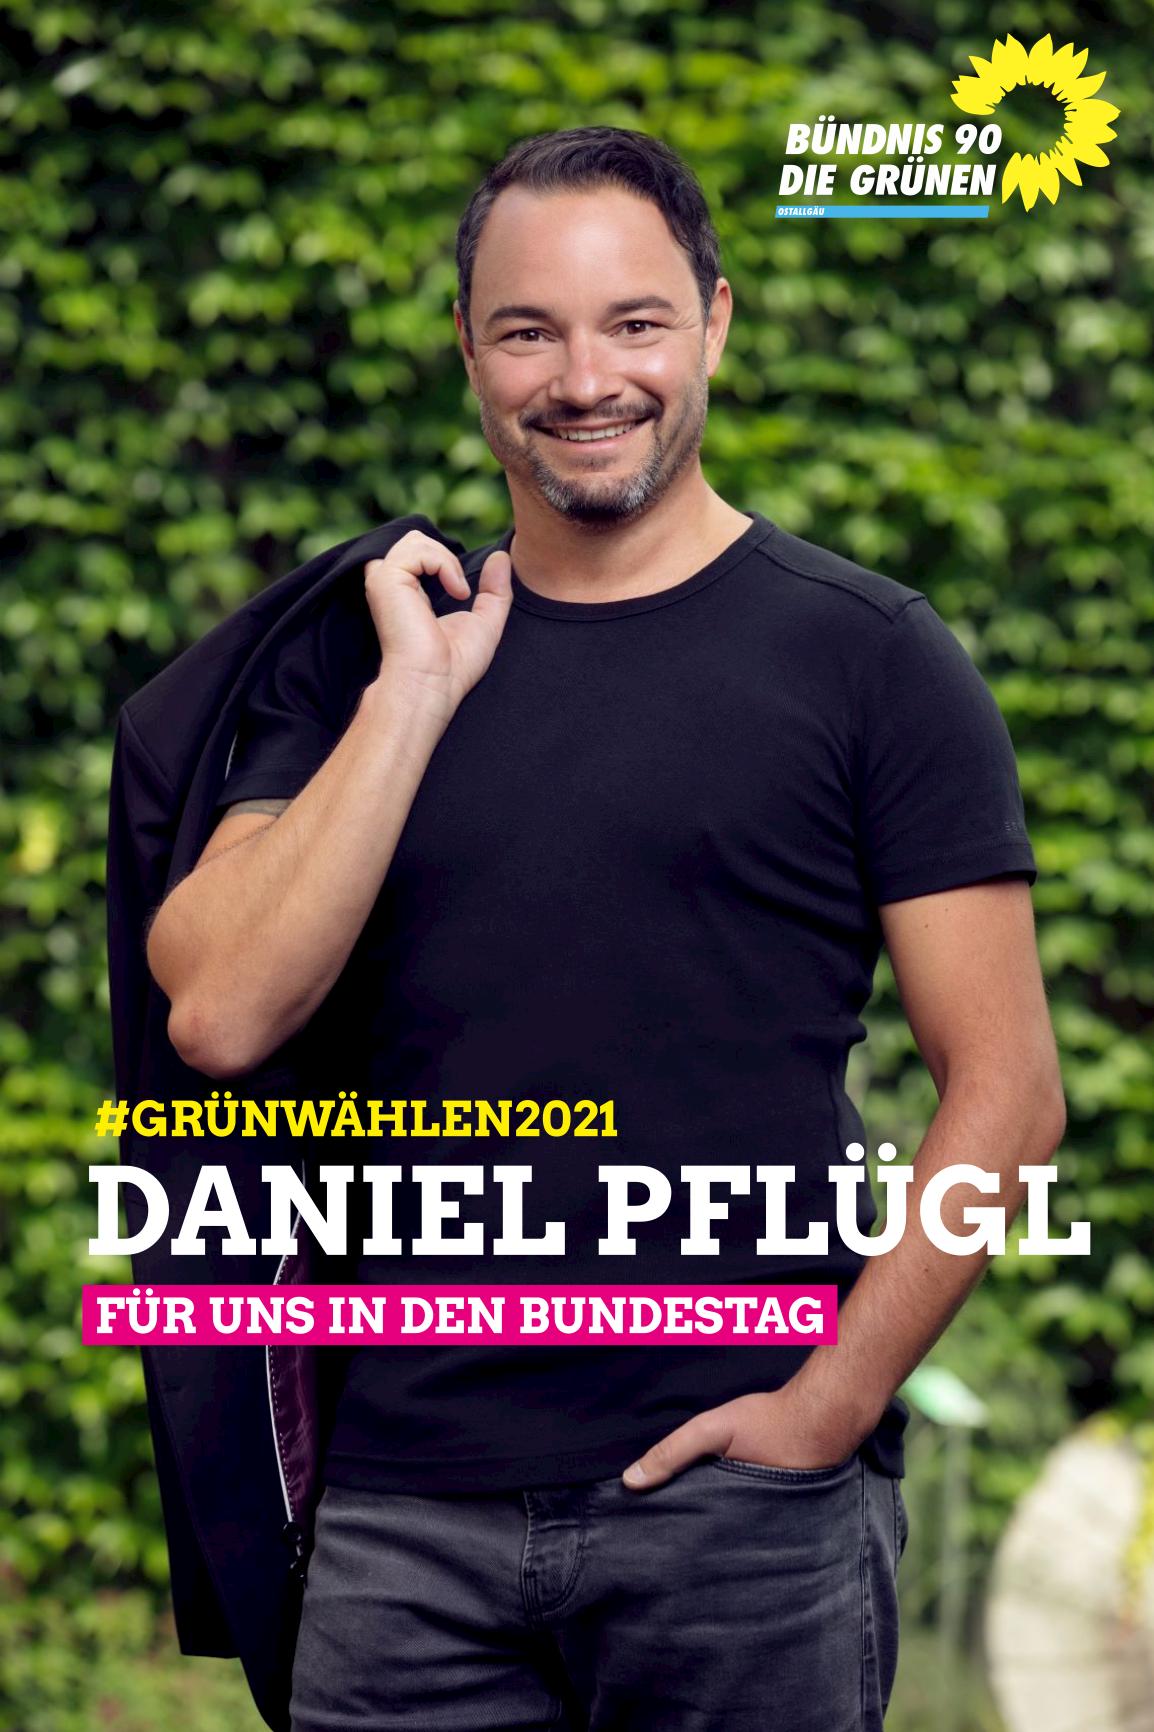 Daniel Pflügl - Für uns in den Bundestag!